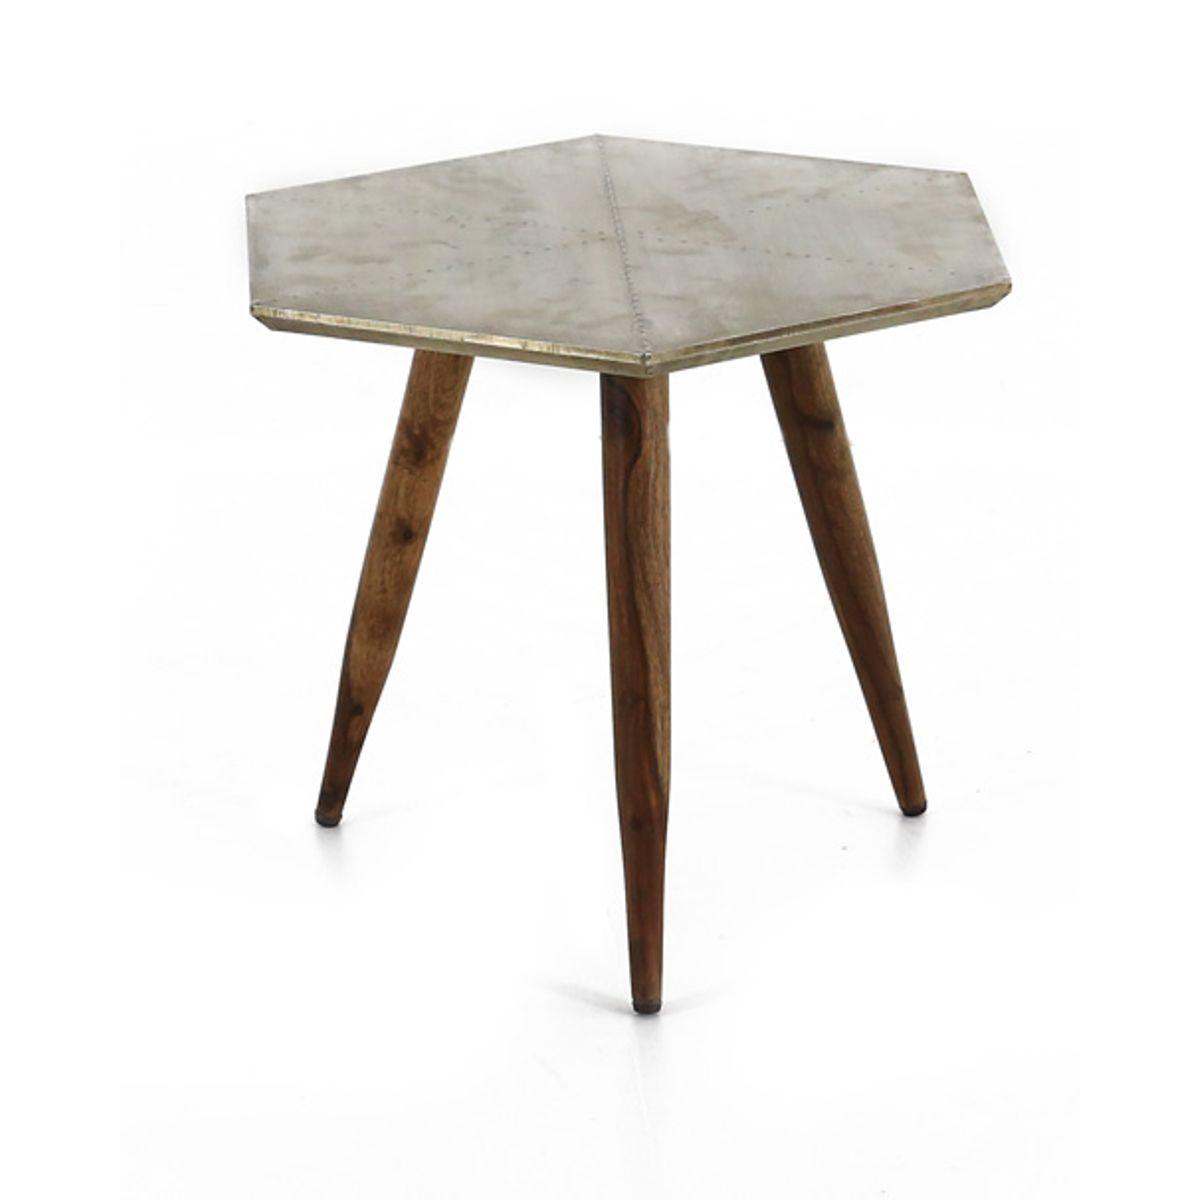 Table basse ronde bois de palissandre et métal finition argent vieilli Coppen